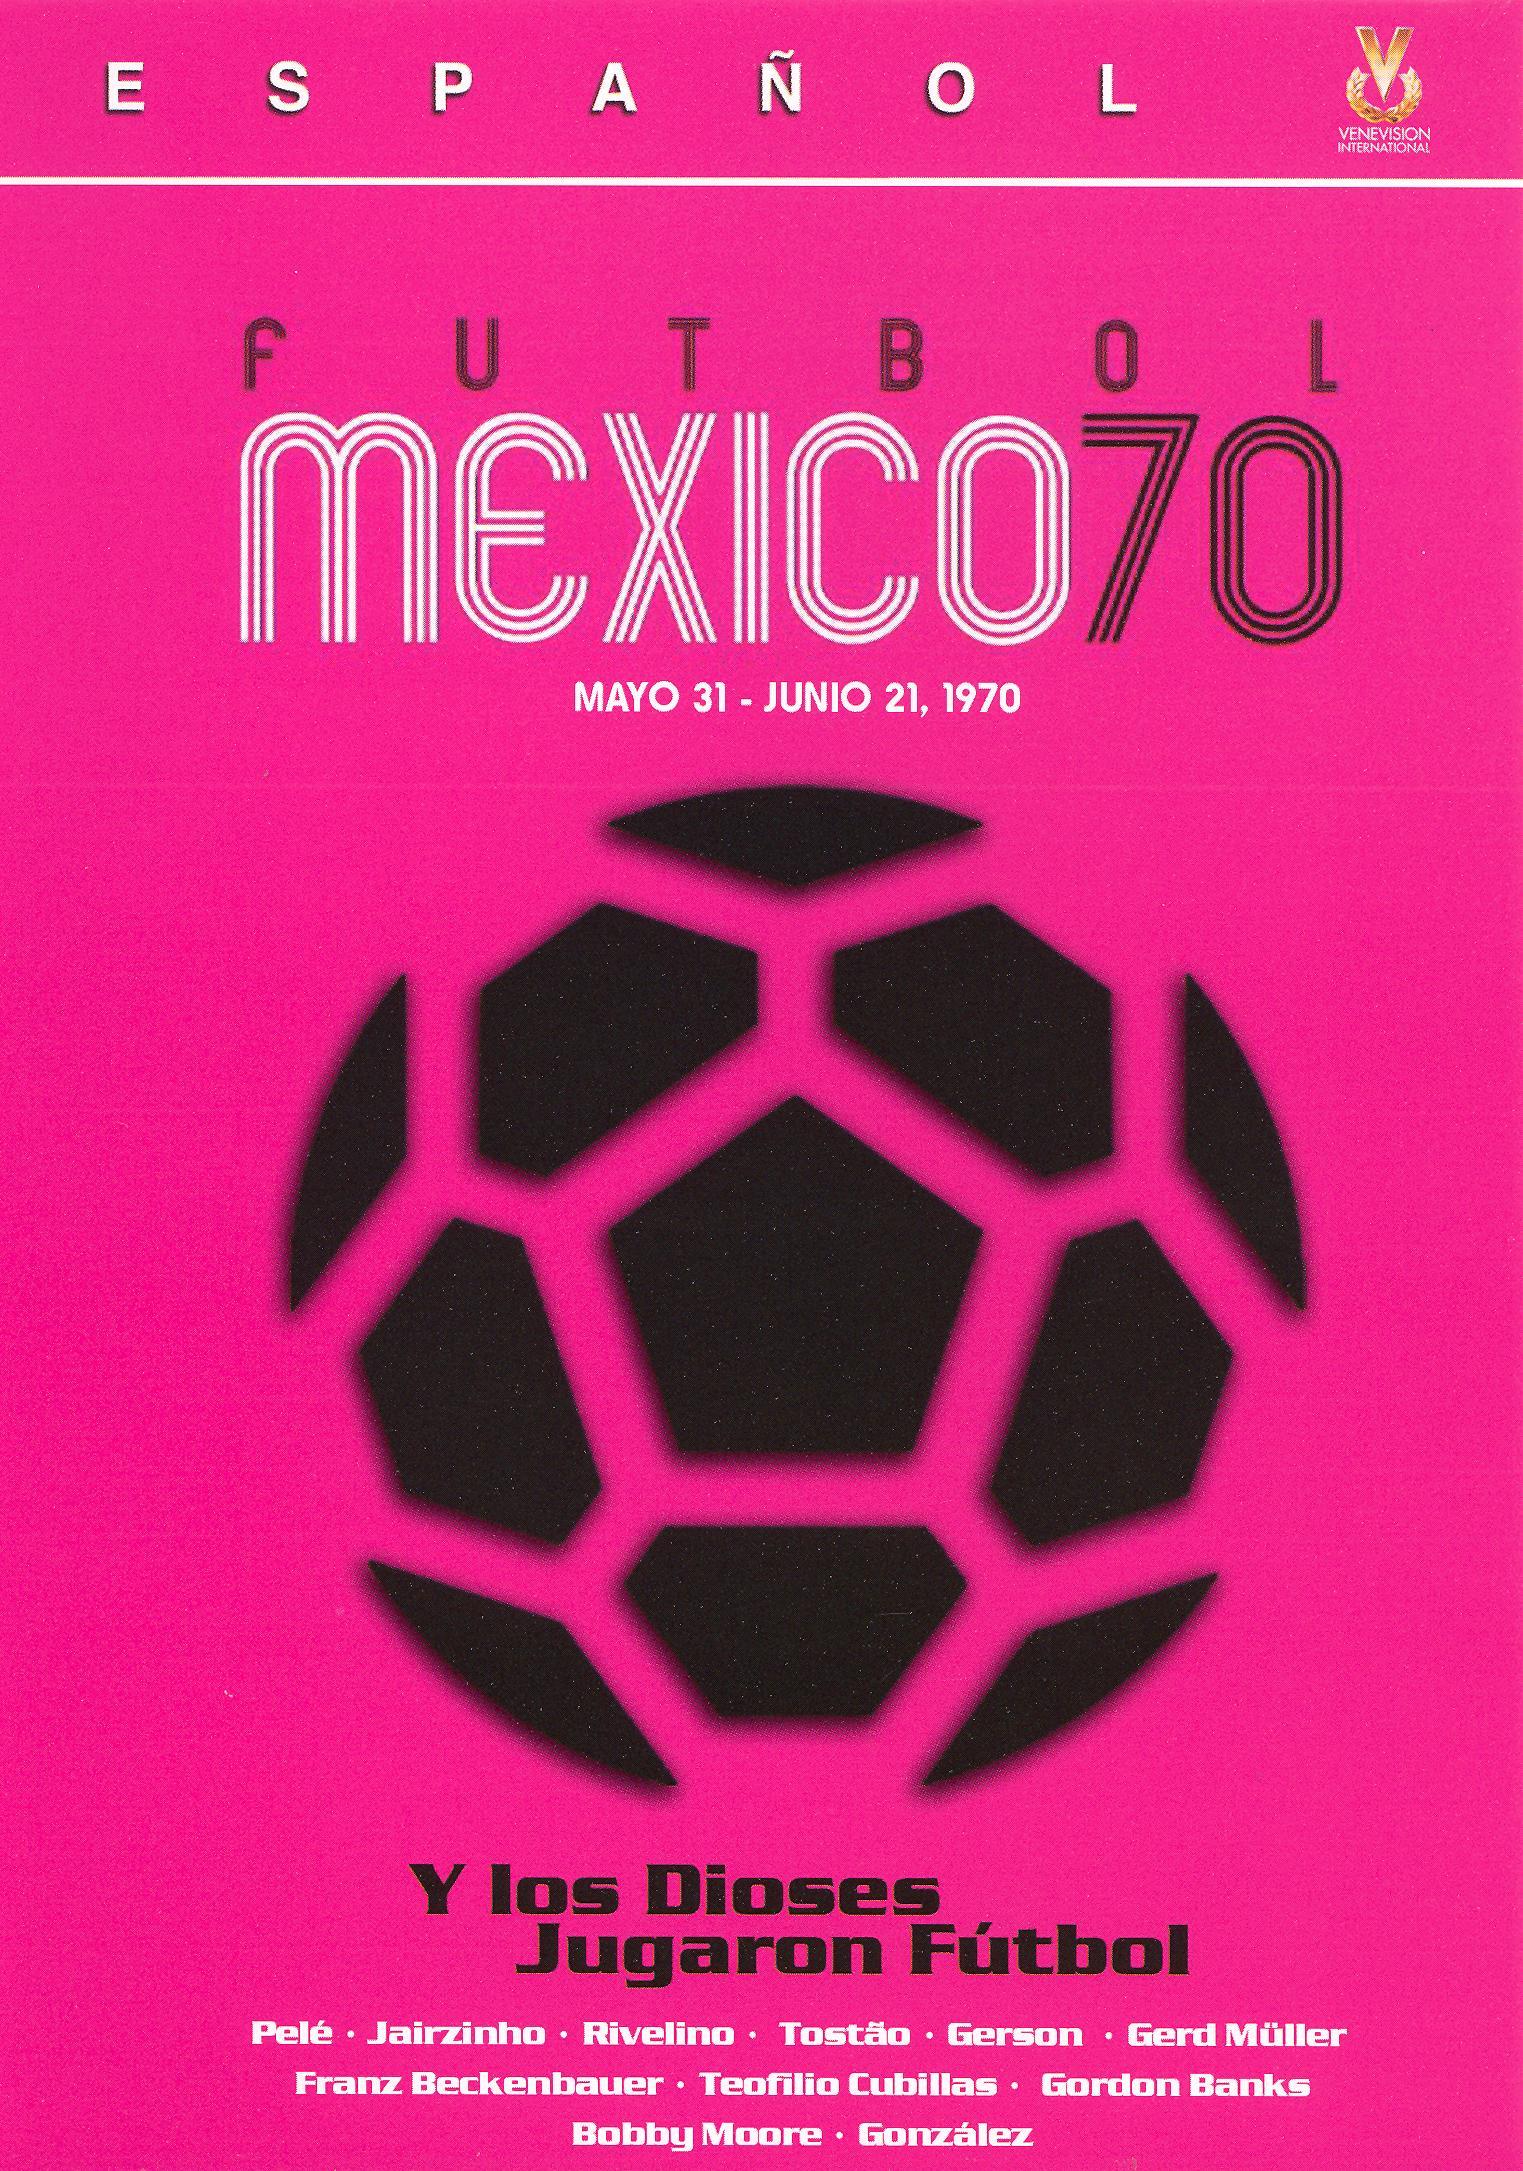 Y Los Dioses Jugaron Futbol, Mexico 70